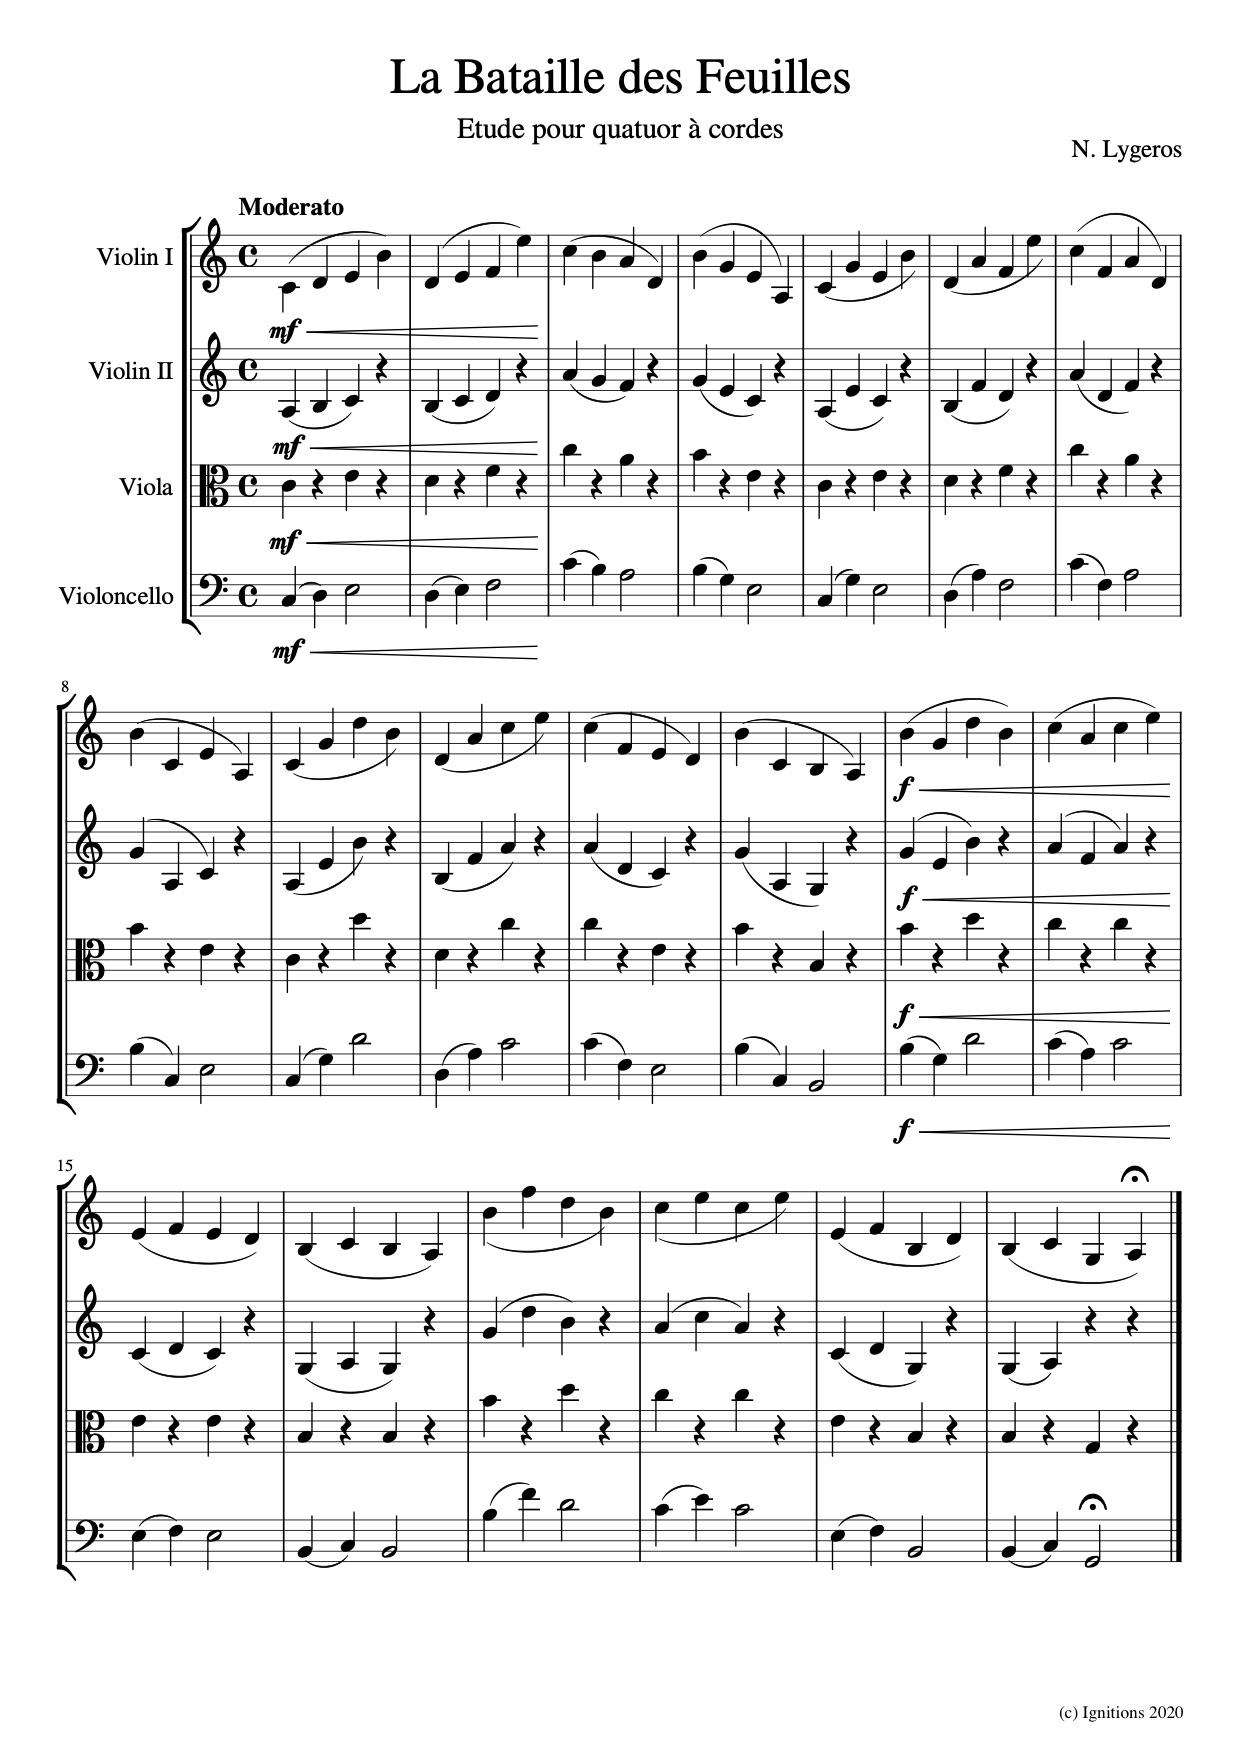 56531 - La Bataille des Feuilles. (Etude pour quatuor à cordes)